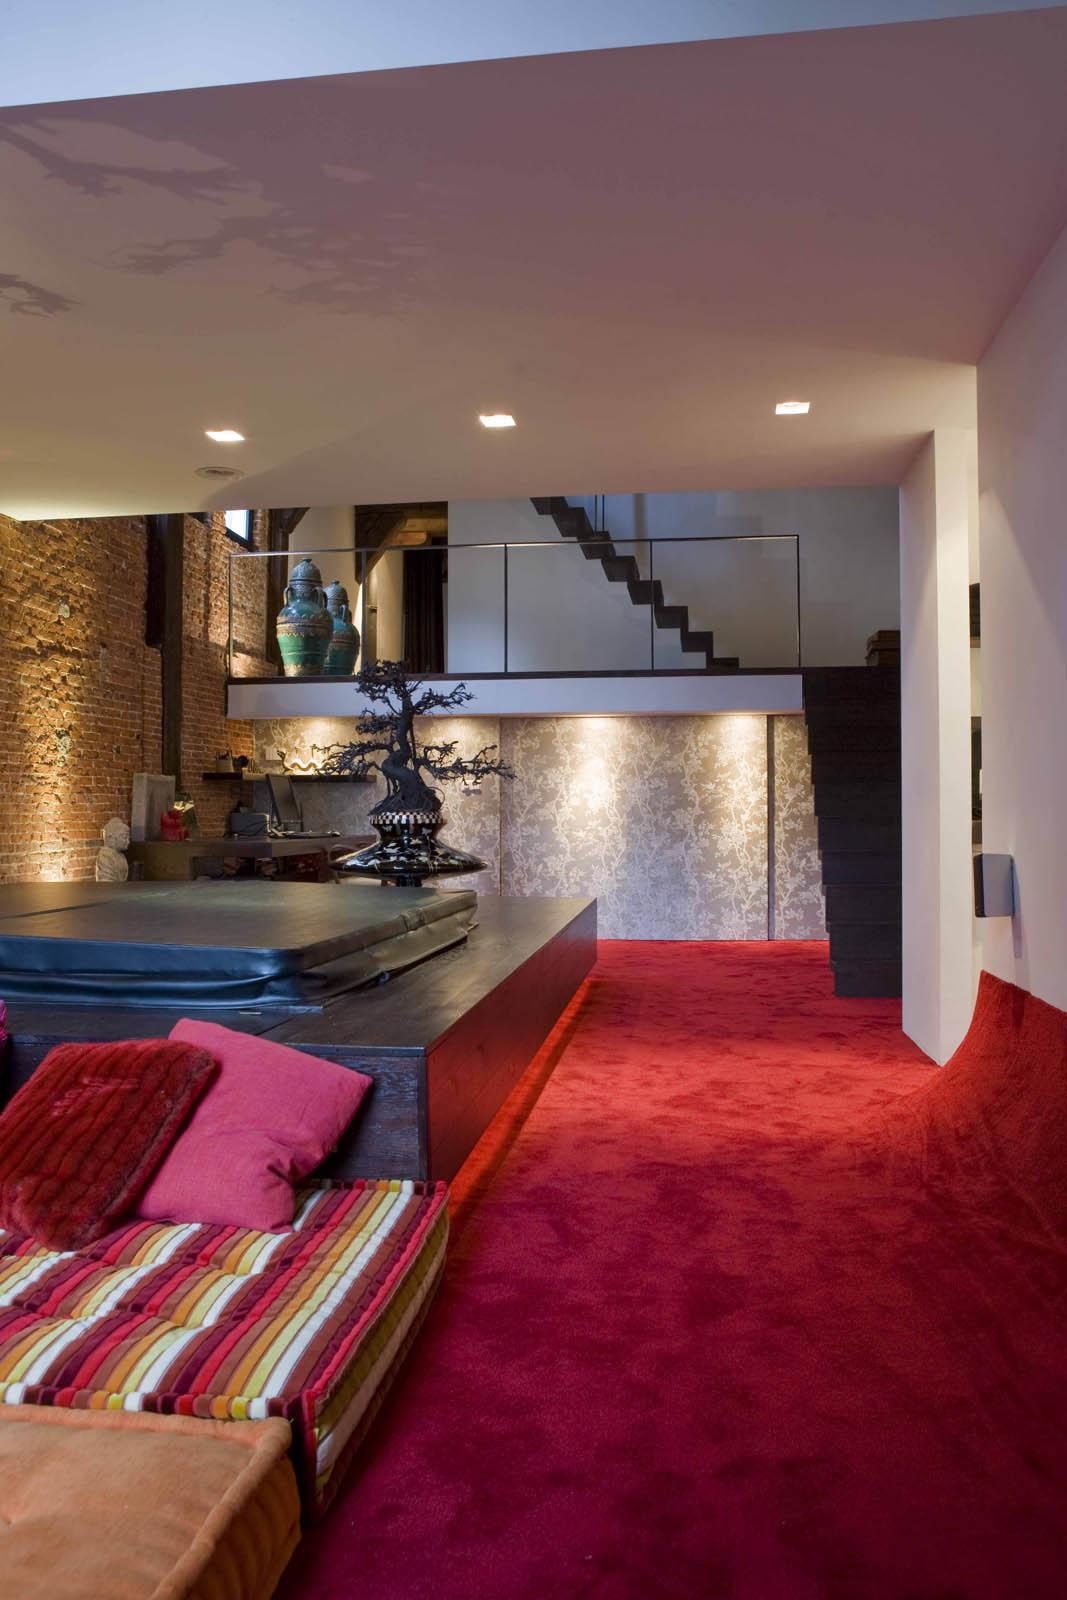 Room, Loft Amsterdam, by Jeroen de Nijs